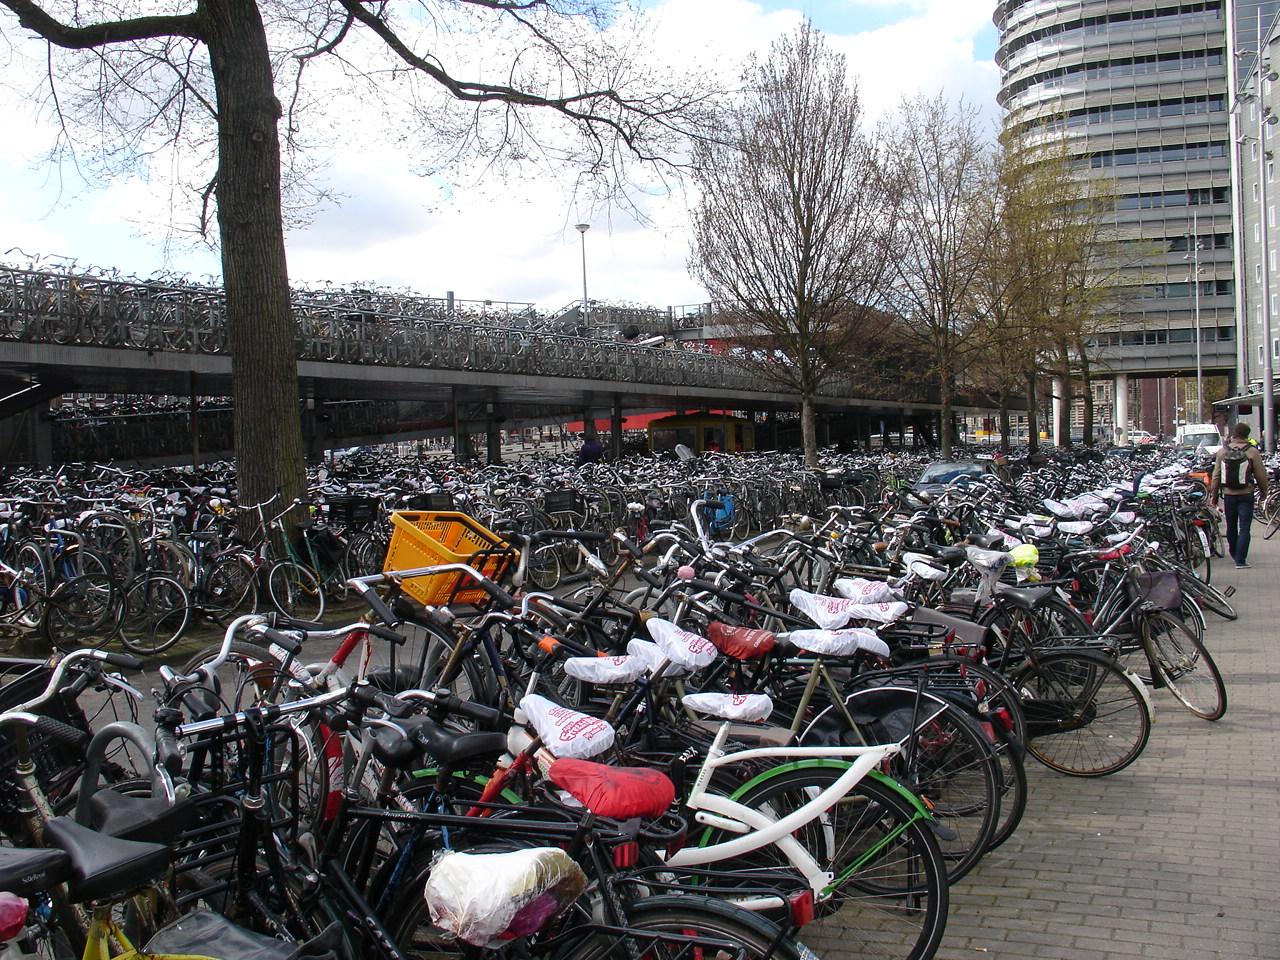 Che Pianeta faremo: Amsterdam ecologica